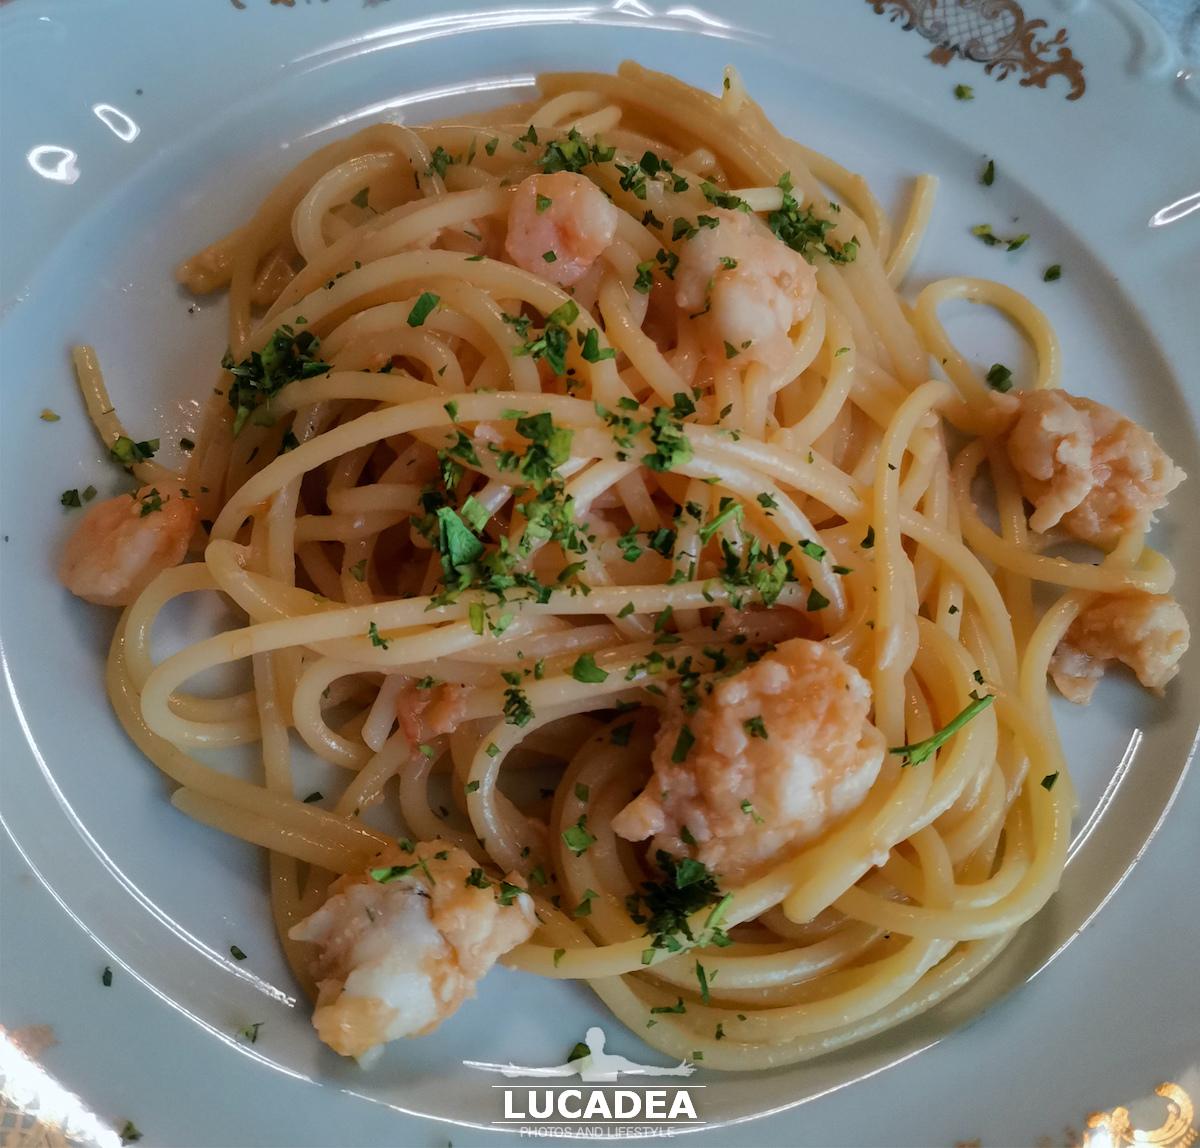 Spaghetti con sugo di pomodorini, sgombro, pannocchie e gamberetti, la ricetta